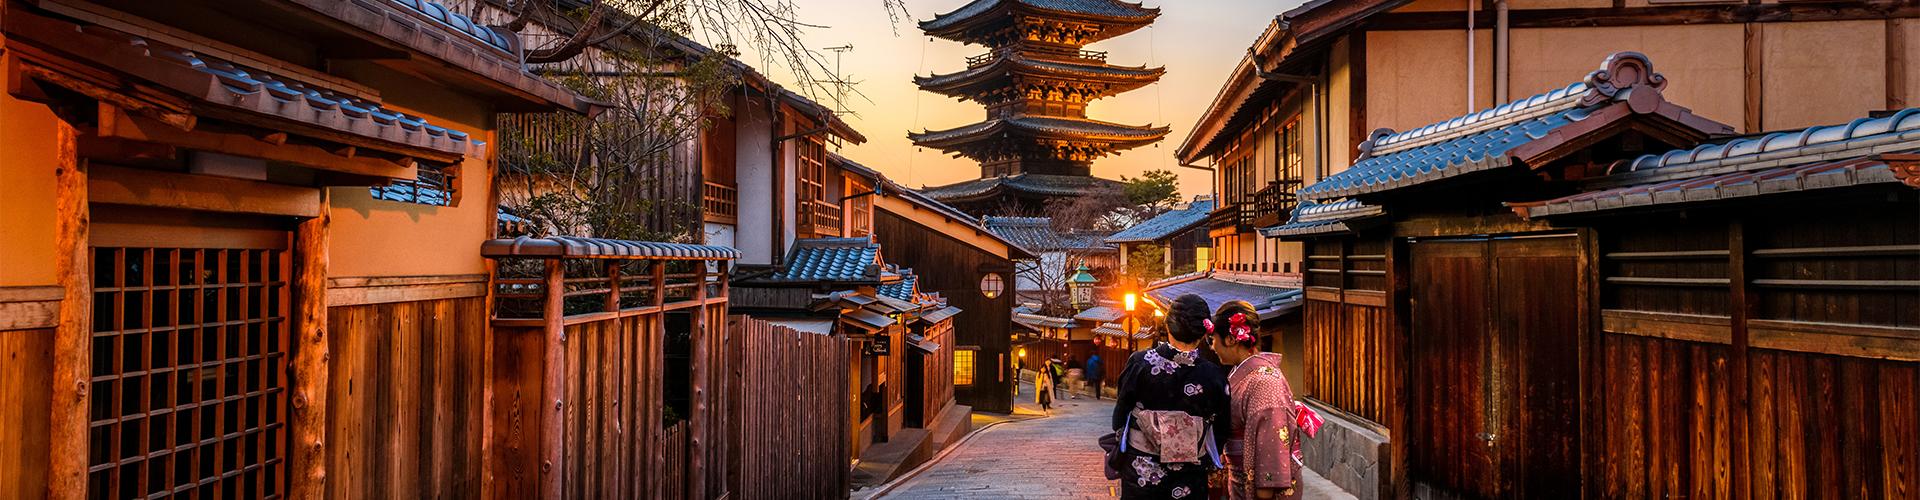 Japan: Cultural Studies